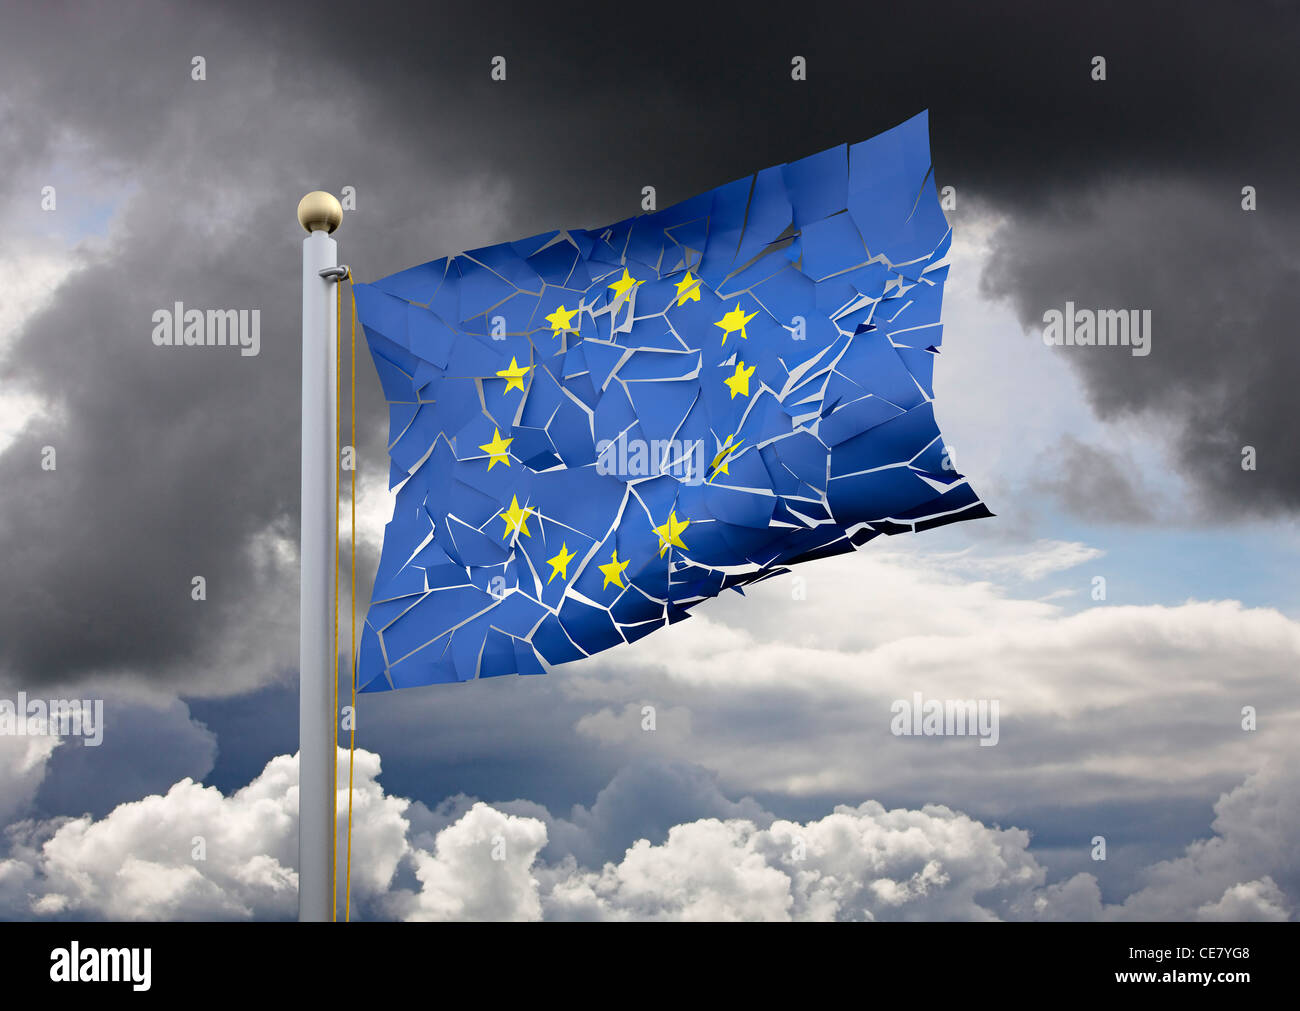 Cracking bandiera UE - concetto Brexit referendum / euro break up di Eurozona Unione europea / Europa i concetti Immagini Stock